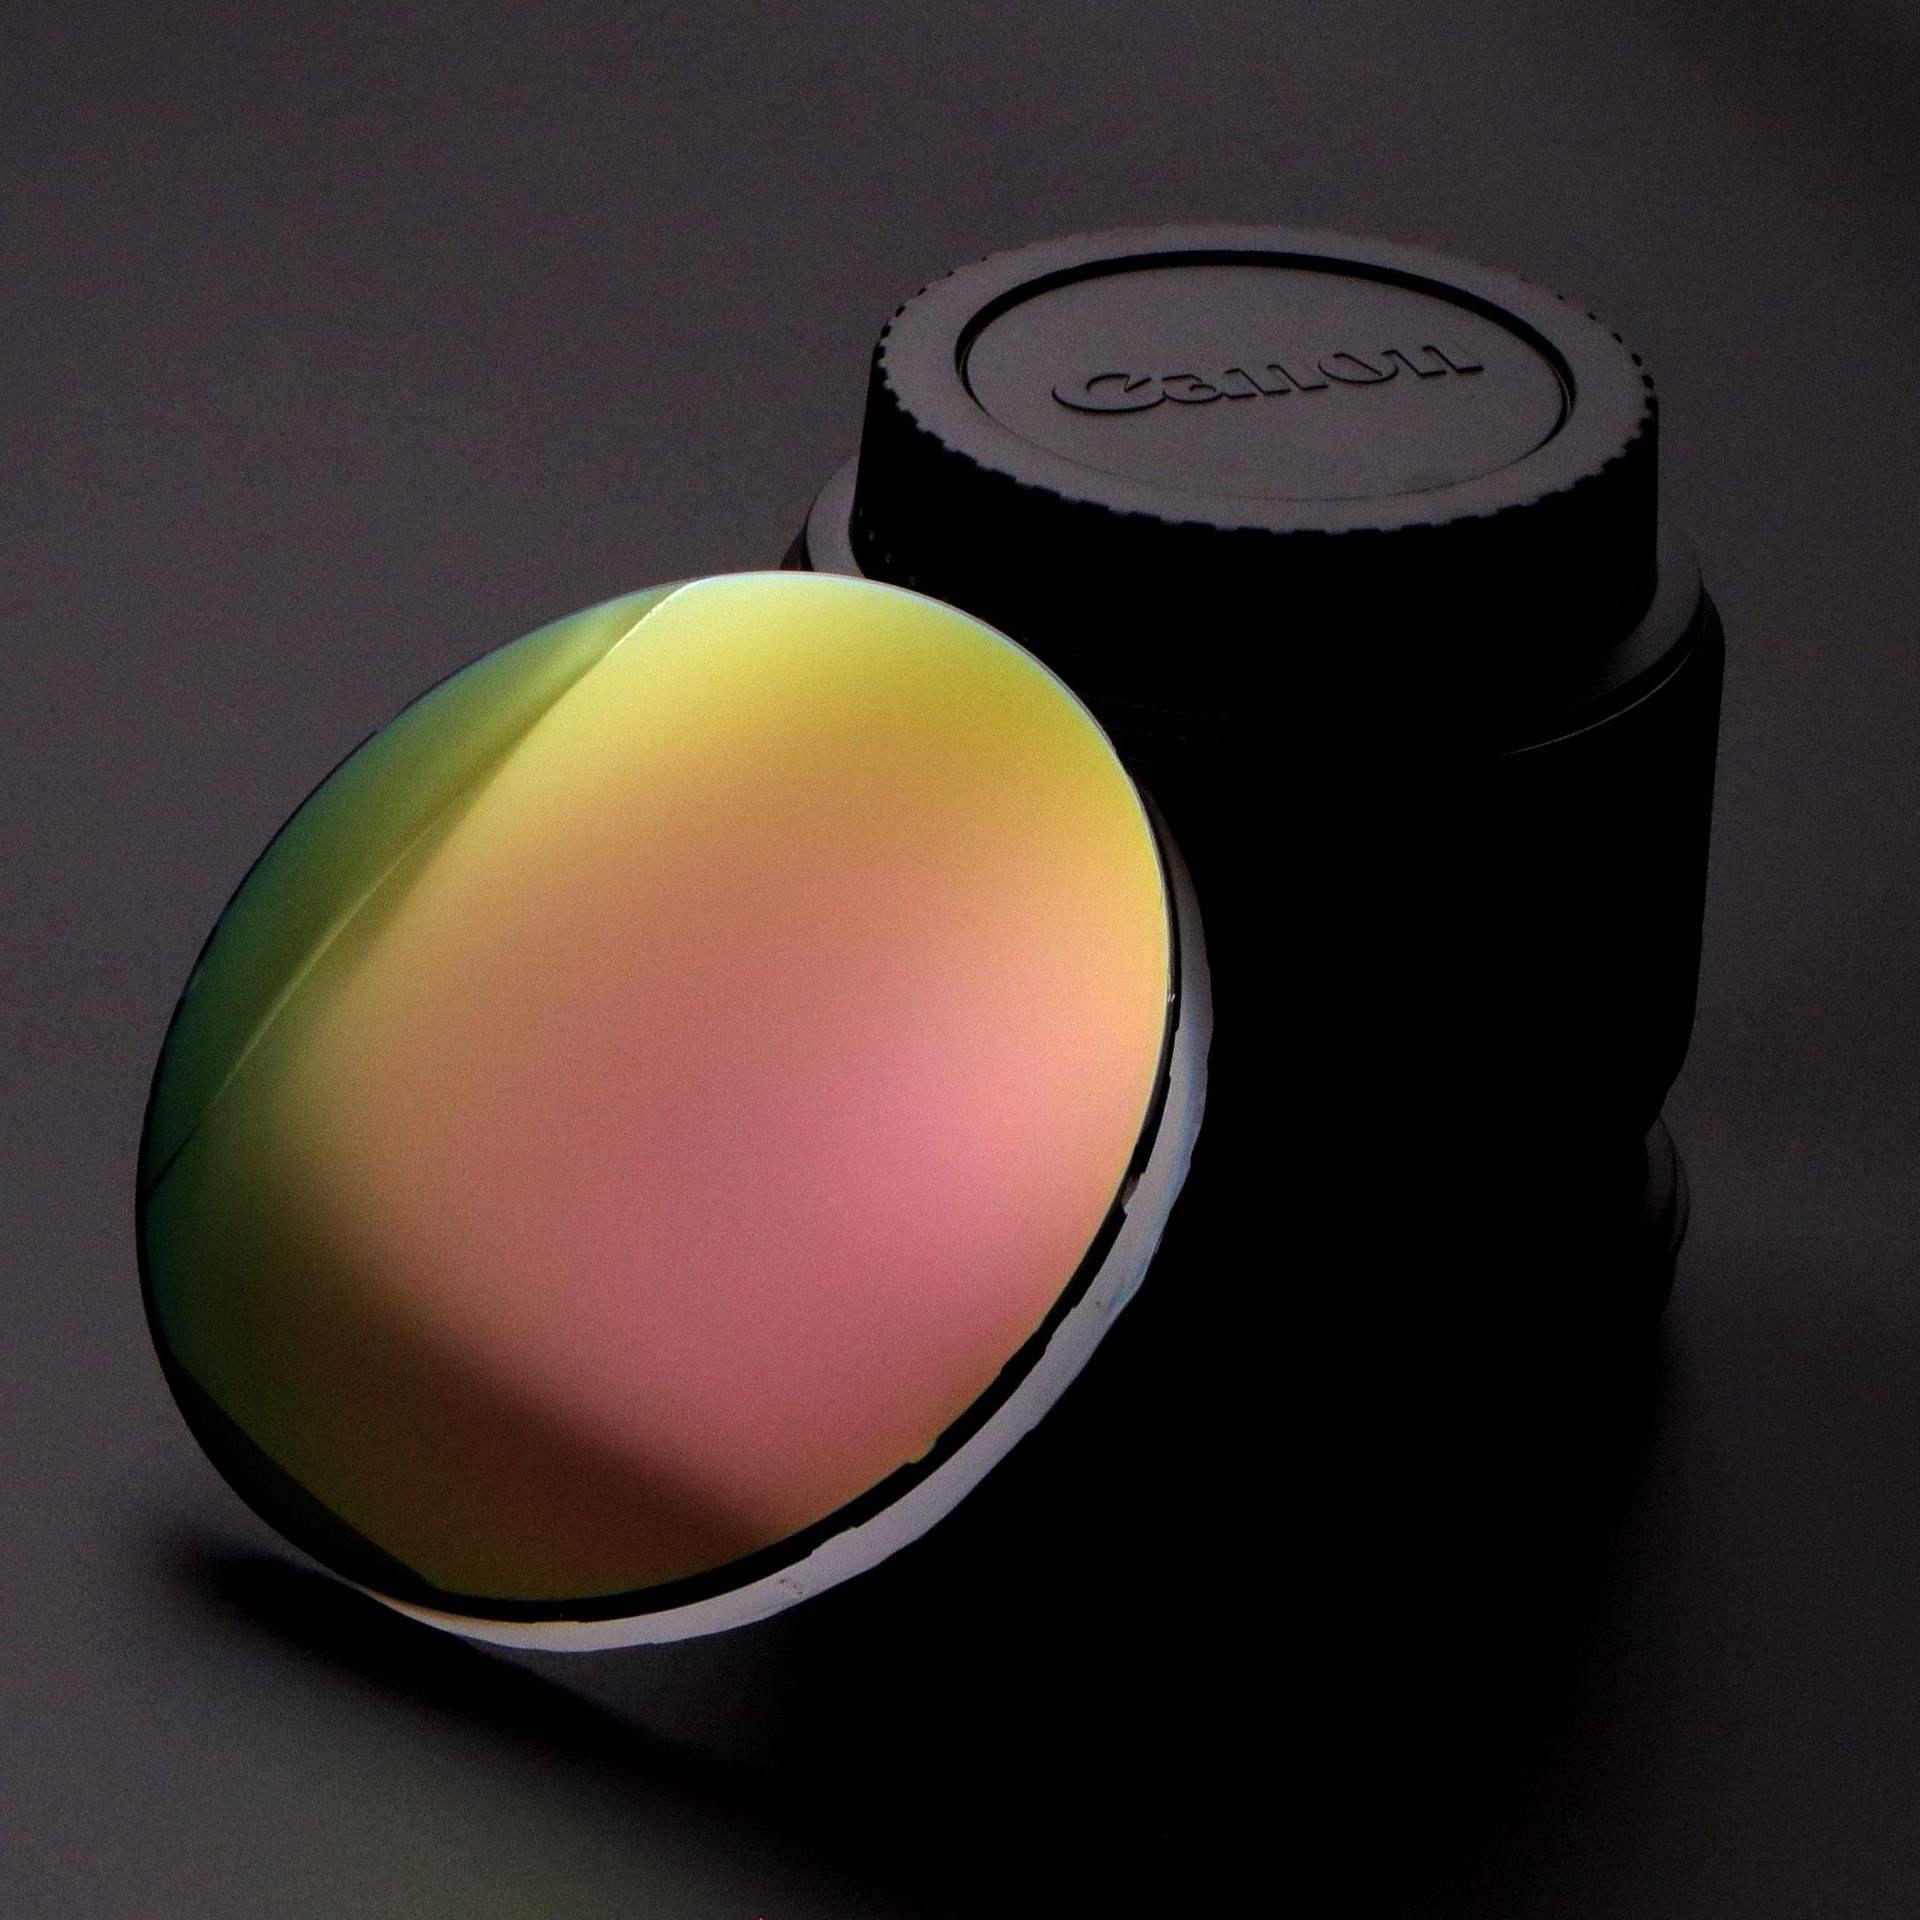 新品1.61偏光近视太阳镜片玫瑰金炫彩大基弯墨镜眼镜片 男女